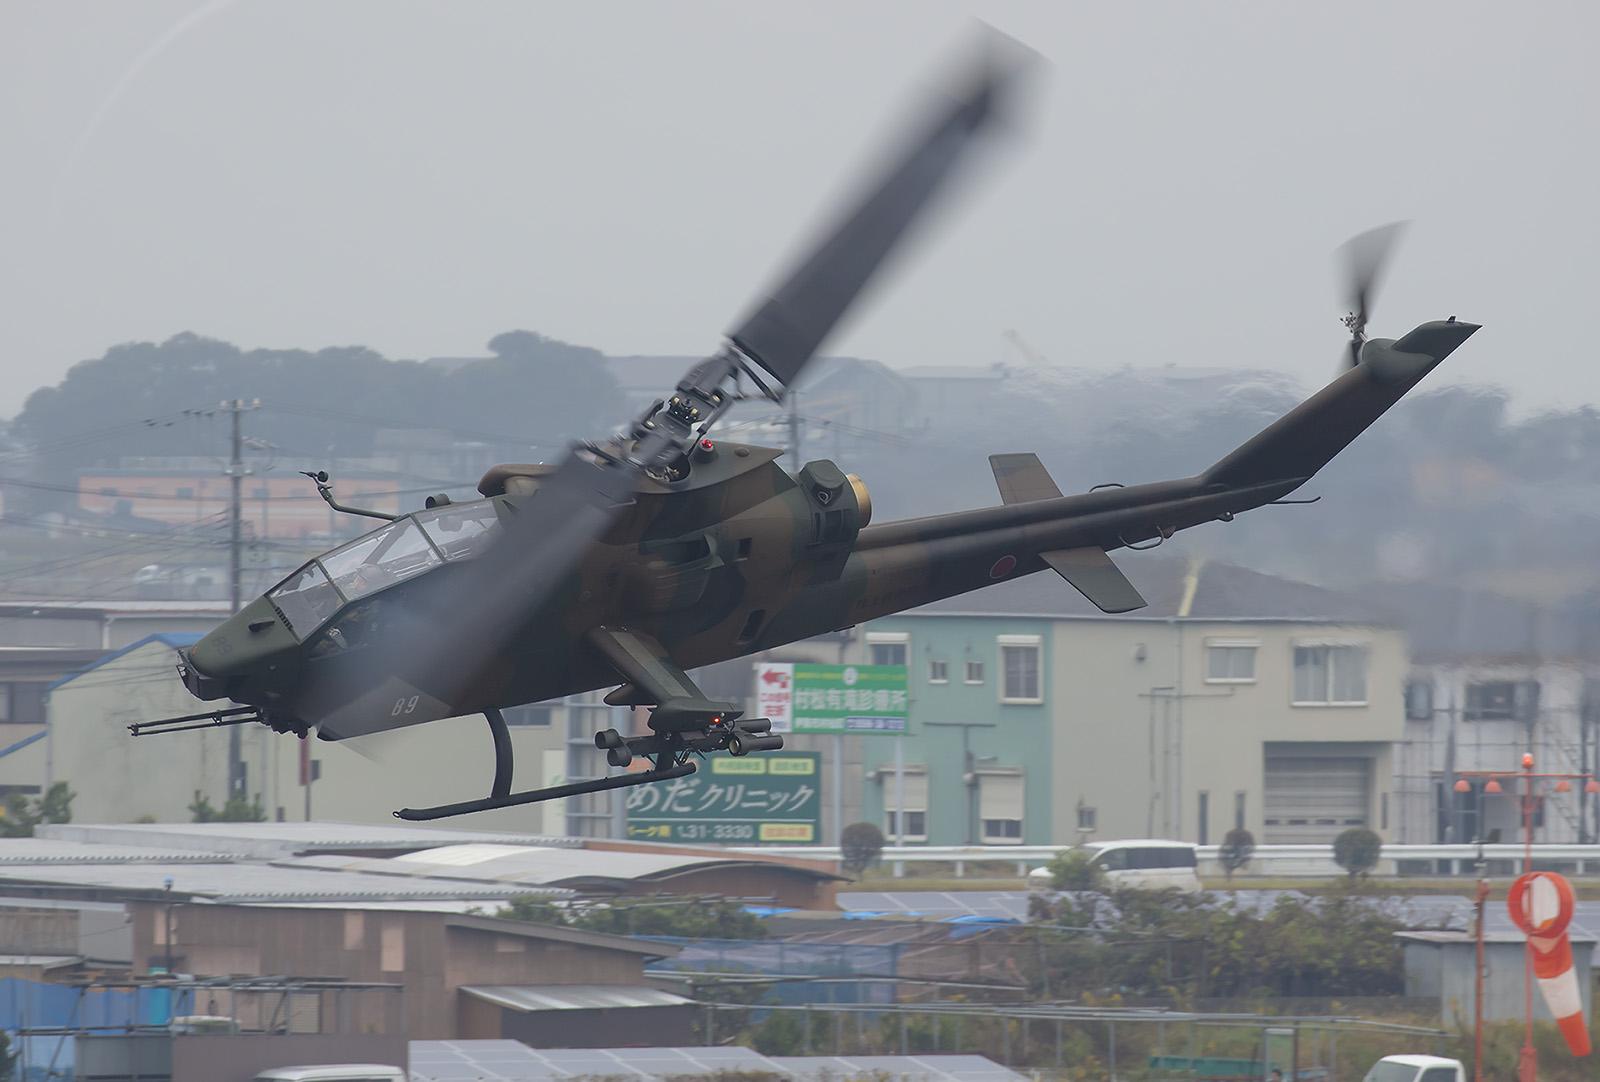 In der JGSDF ist sie noch in großer Stückzahl vorhanden, da die Einführung des AH-64D Apache Probleme bereitet.